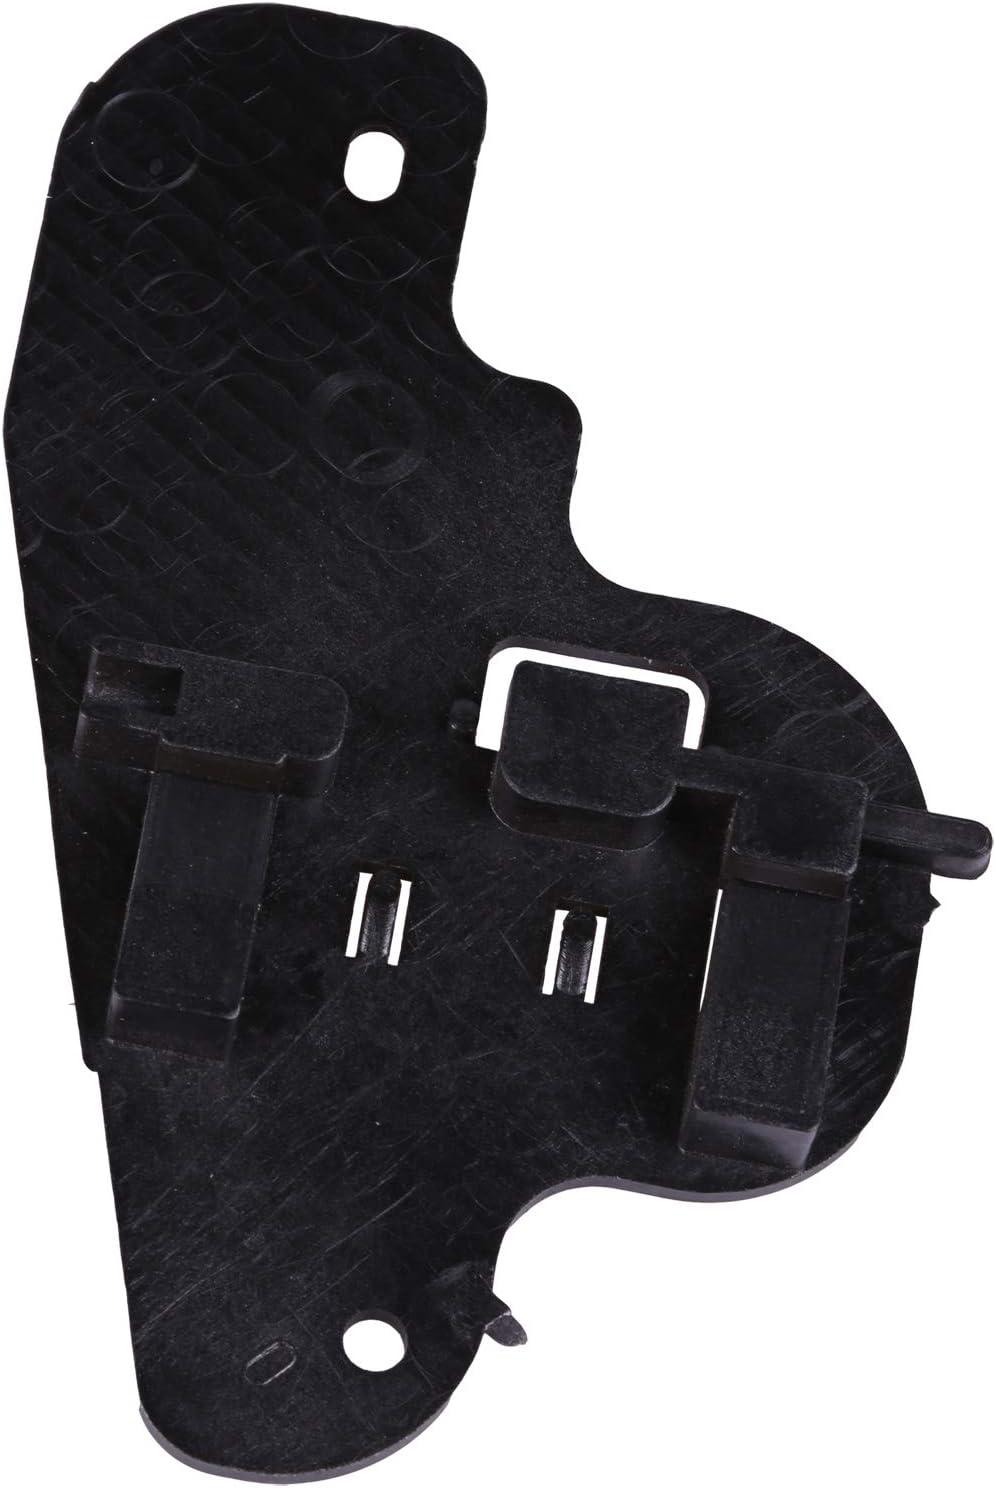 HLY/_Autoparts Clip del regulador de la Ventana Puerta Delantera Derecha Trasera para Peugeot 407